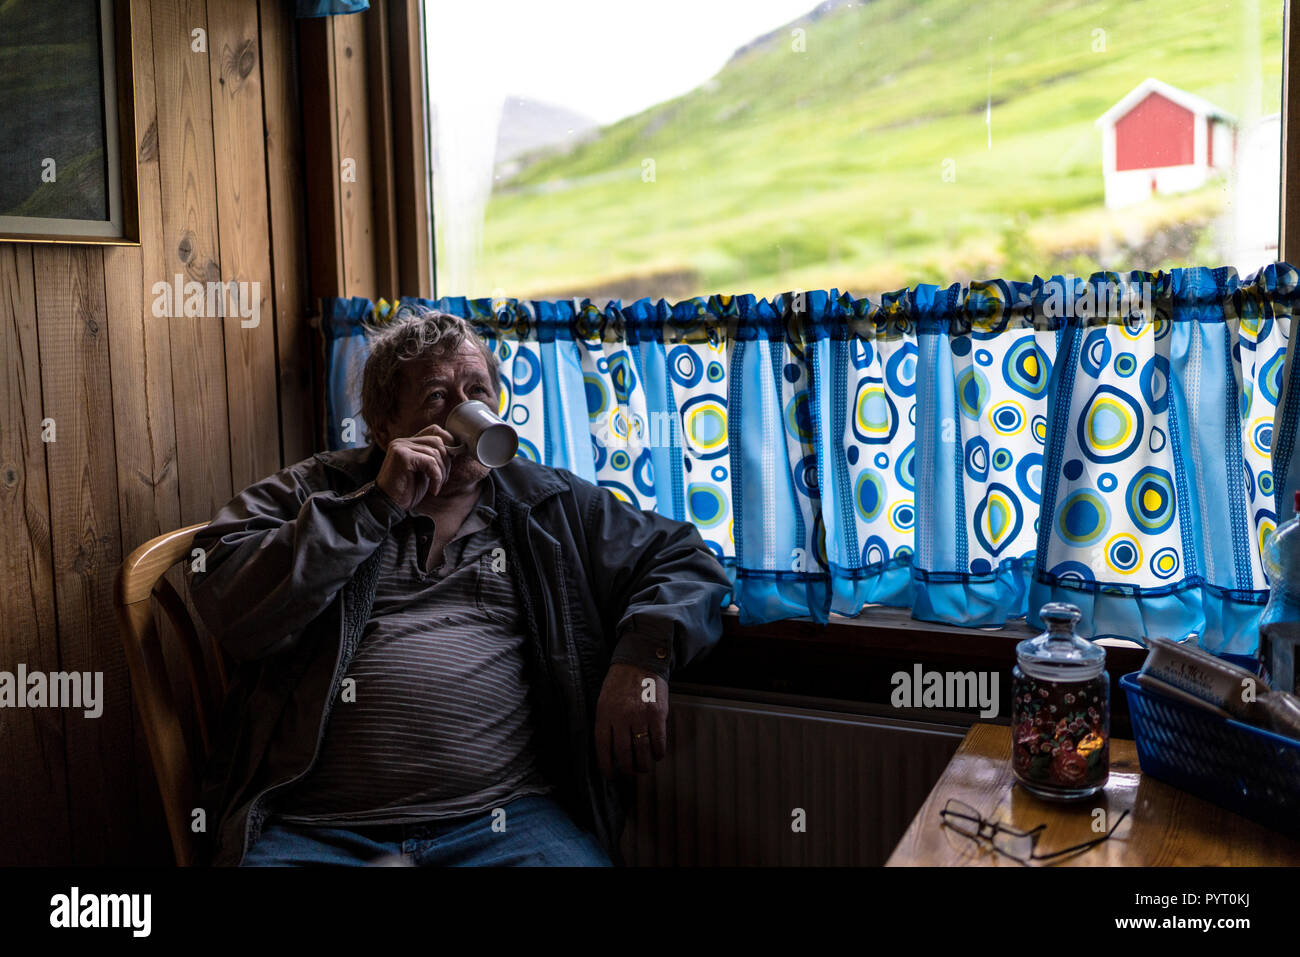 El hombre bebe una taza de té en casa, Funningur, isla Eysturoy, Islas Feroe, Dinamarca Imagen De Stock